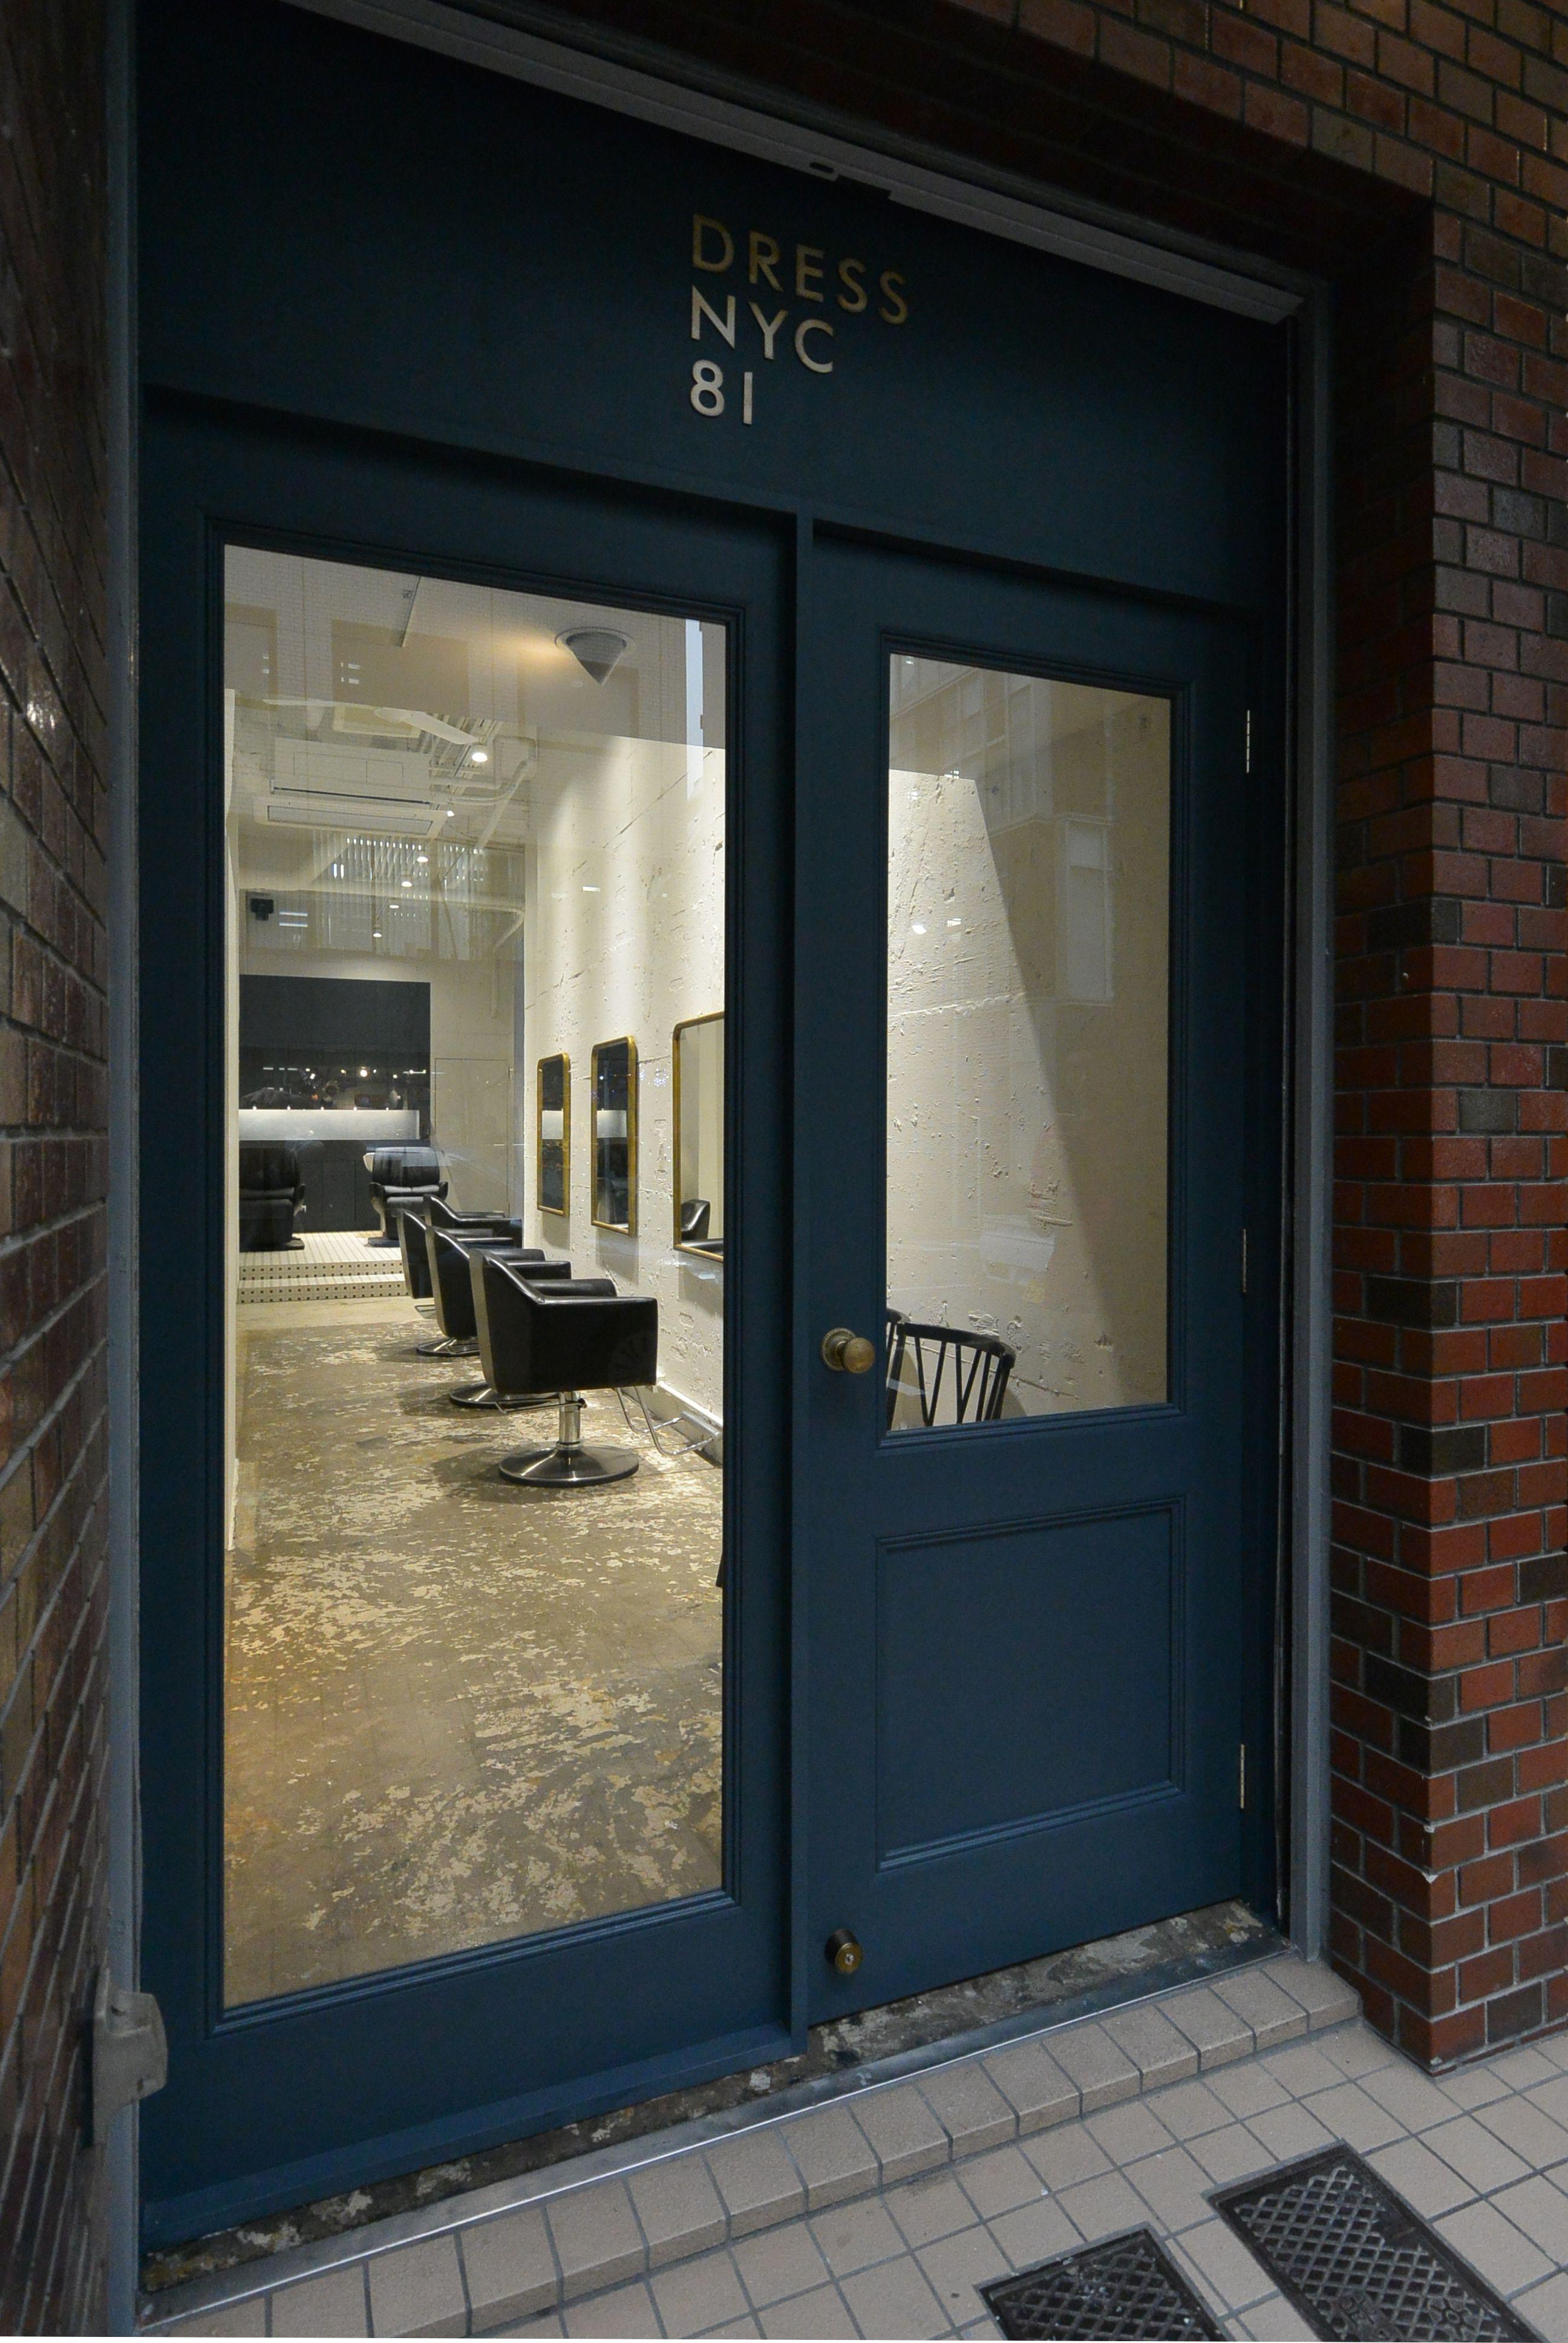 アオイデザイン|aoydesign|DRESS NYC 81|製作の木製框ドア